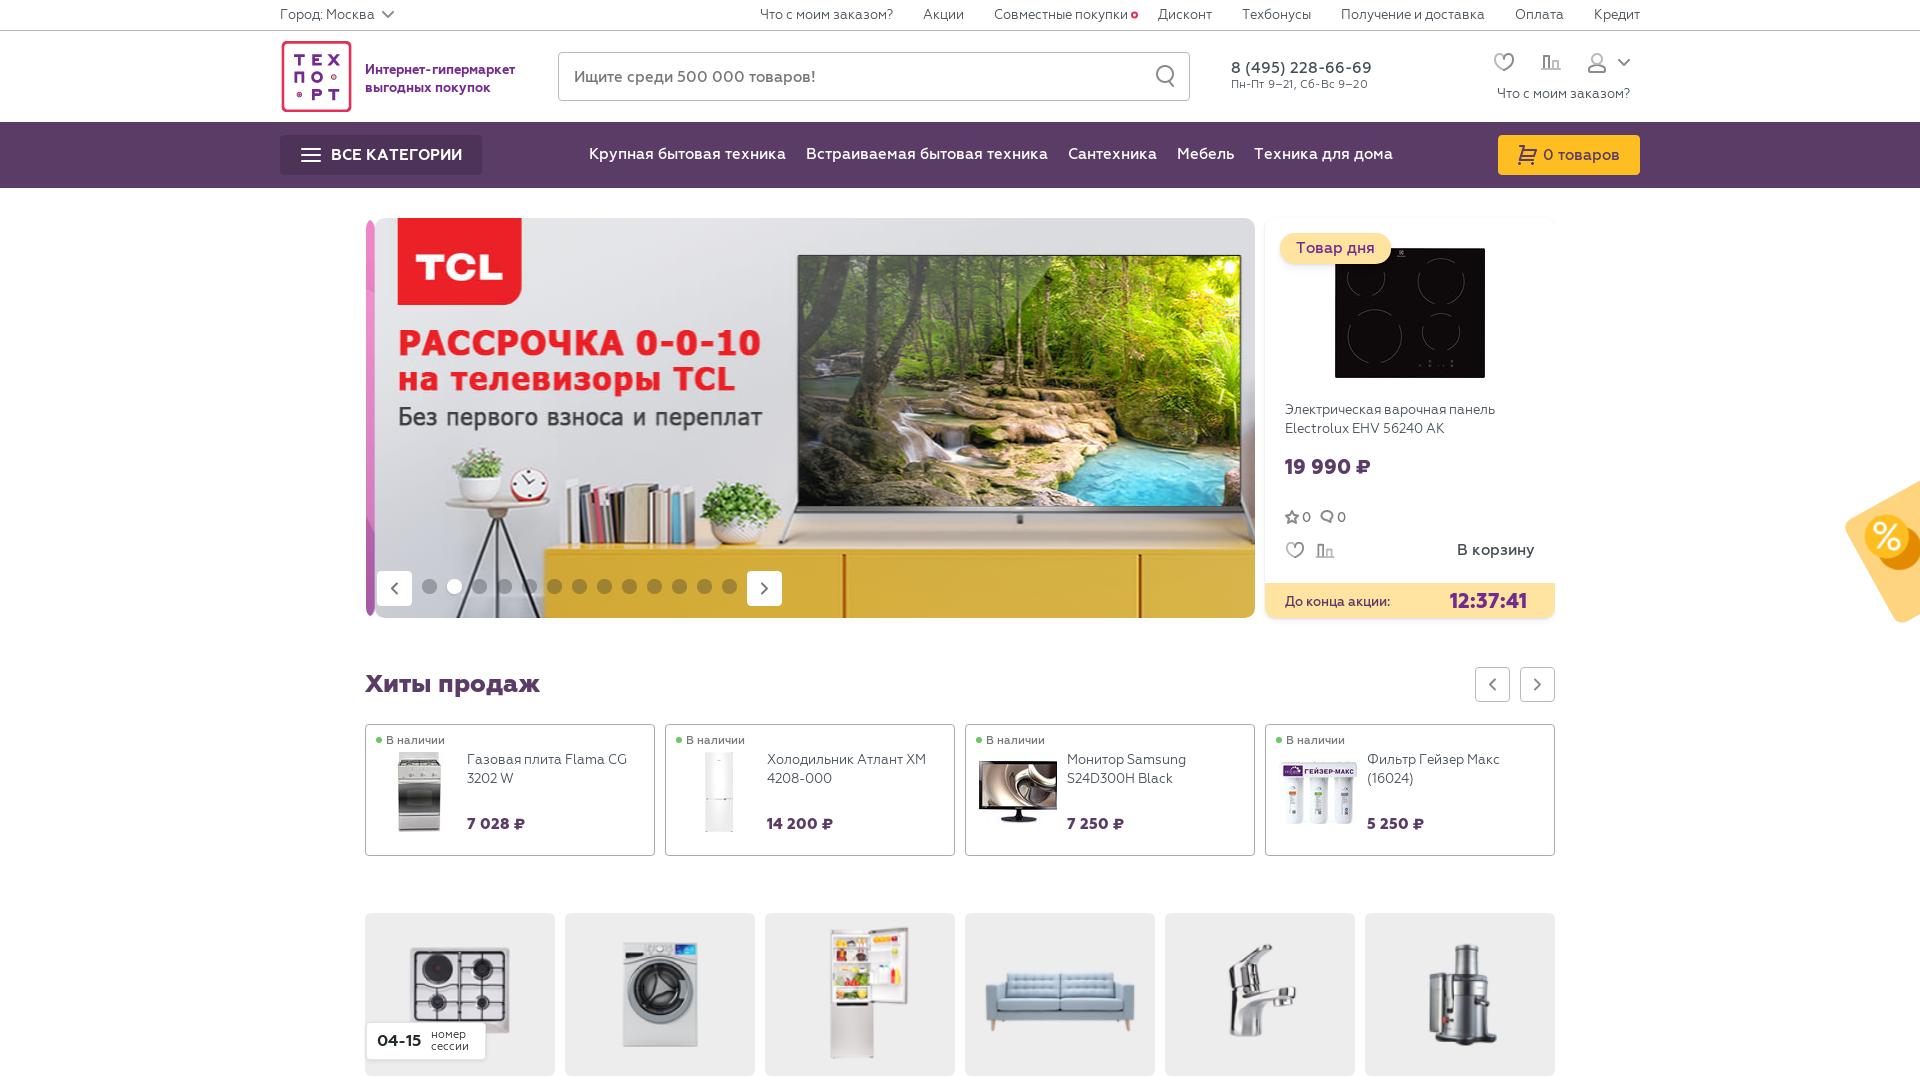 Техпорт website